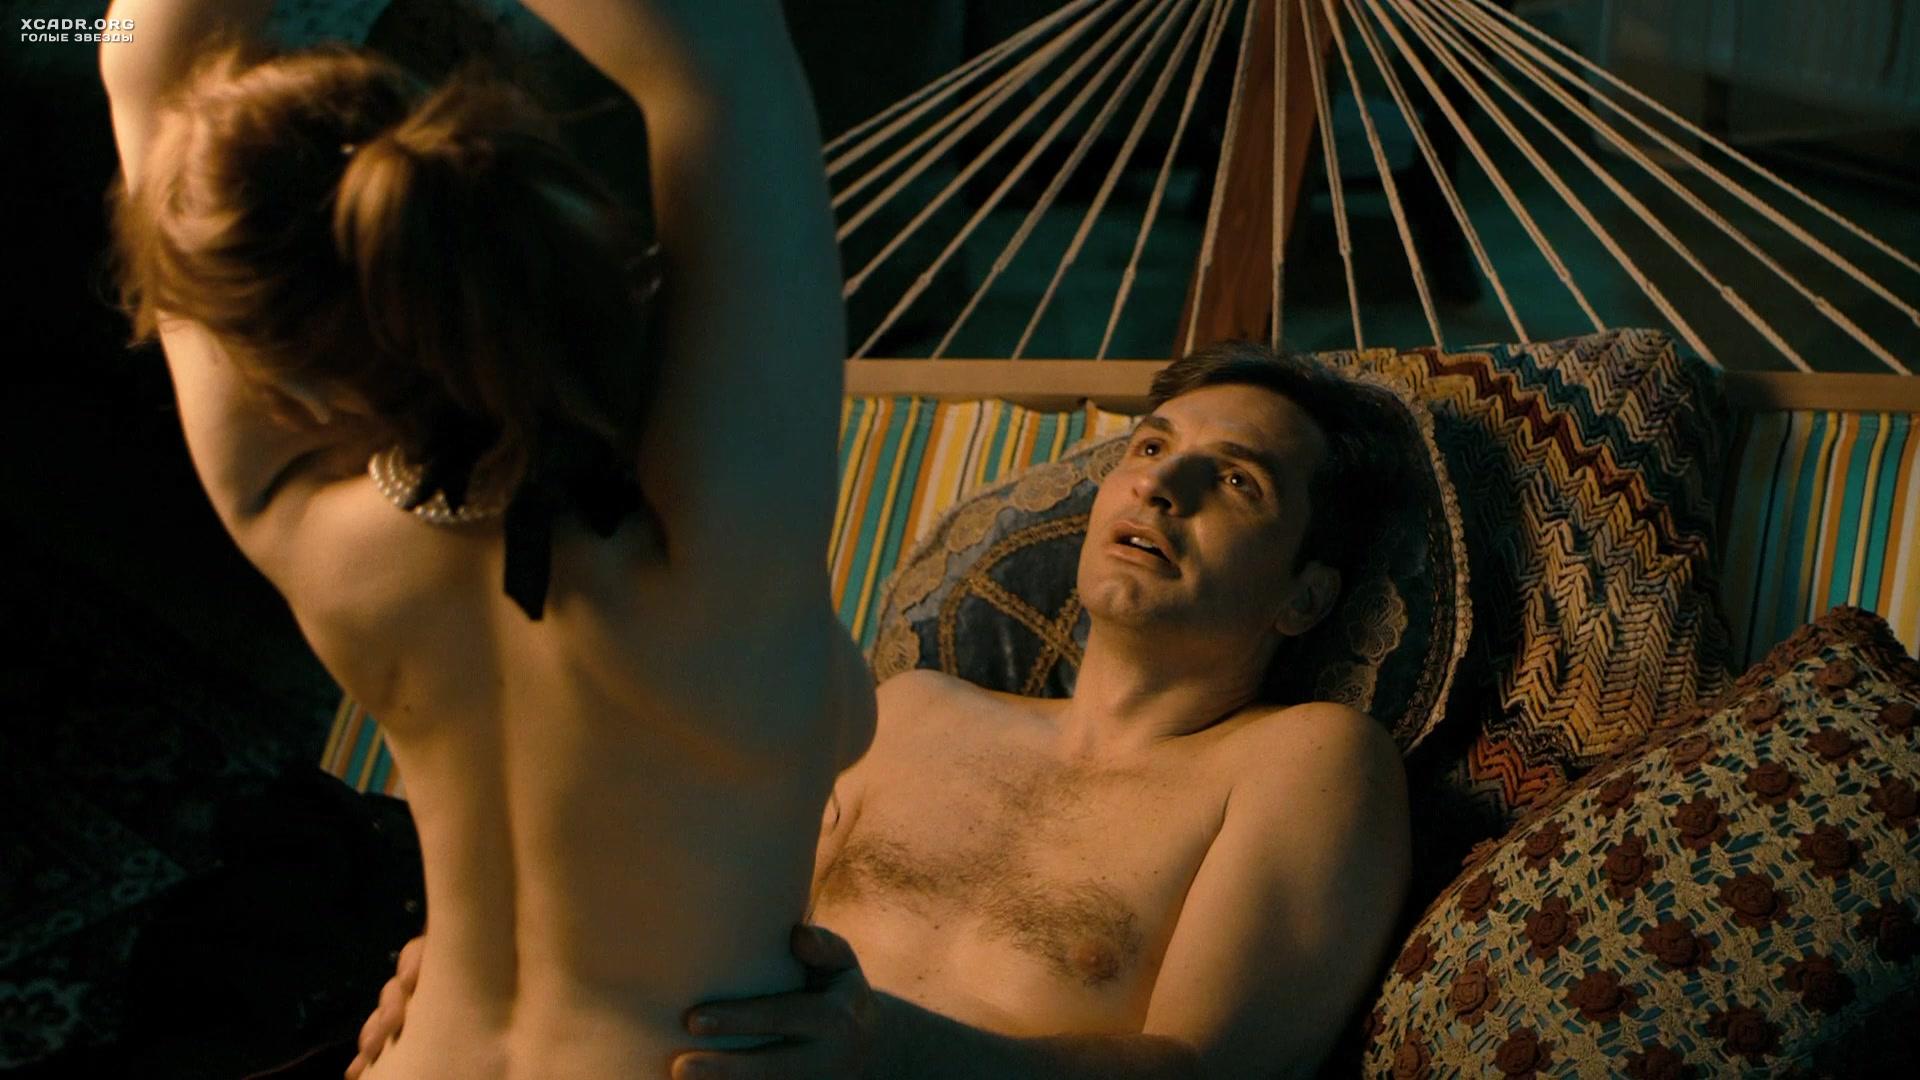 korolevskiy-minet-erotika-v-nashem-kino-zaplatili-seks